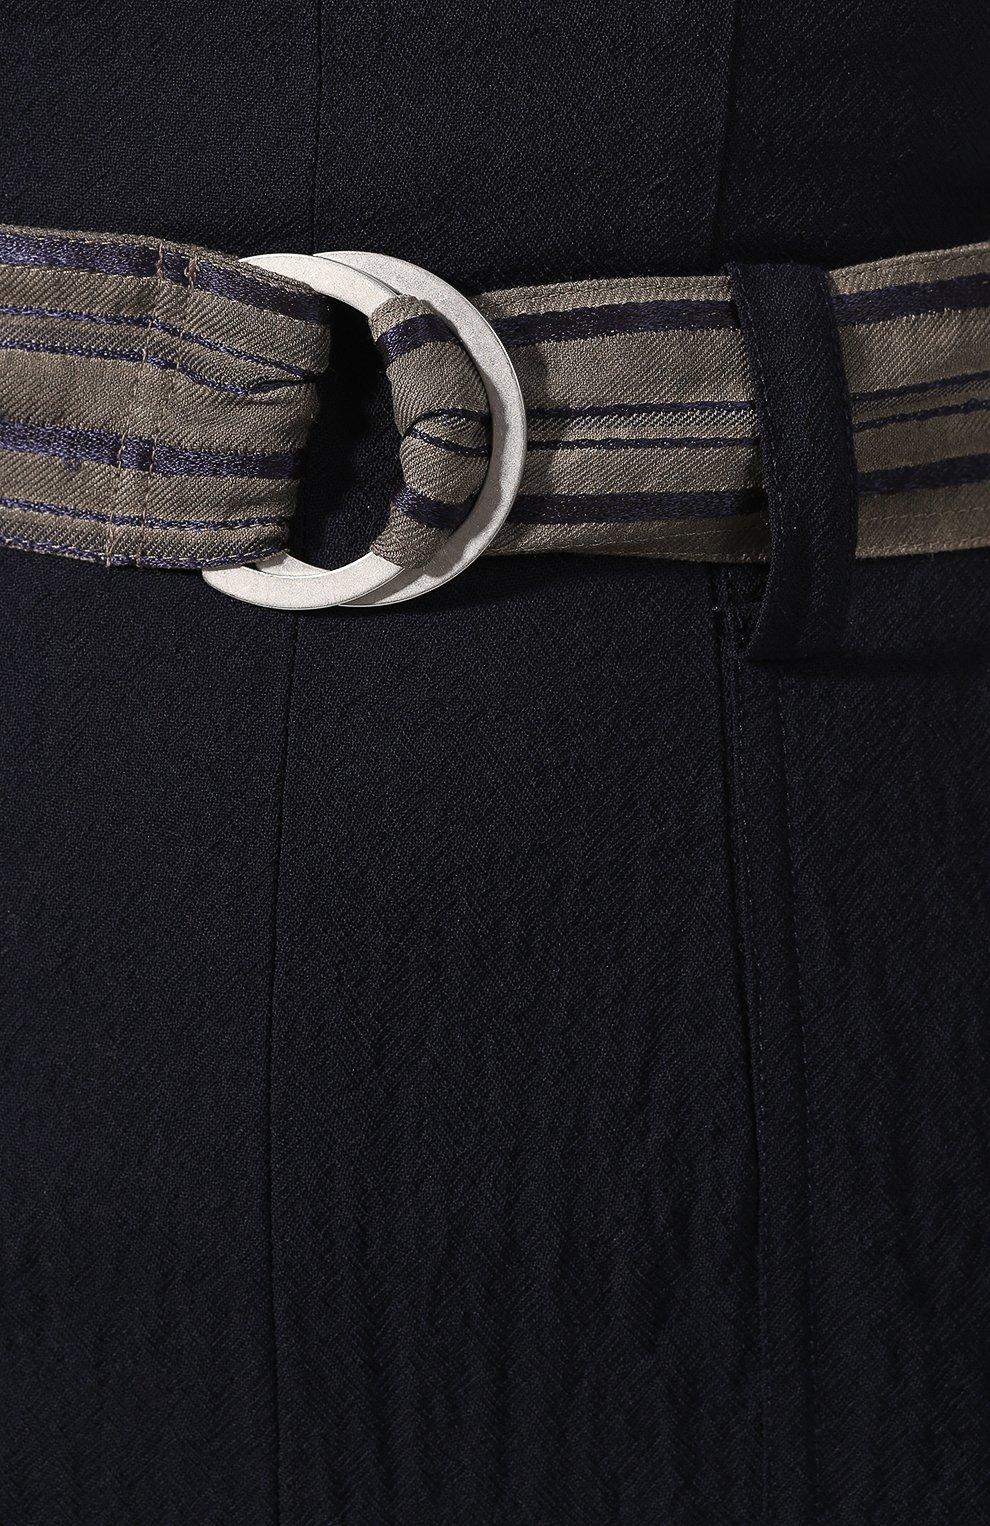 Женская юбка из смеси шерсти и вискозы LORENA ANTONIAZZI темно-синего цвета, арт. P2012G0010/3160   Фото 5 (Материал внешний: Шерсть; Женское Кросс-КТ: Юбка-карандаш; Длина Ж (юбки, платья, шорты): Миди)